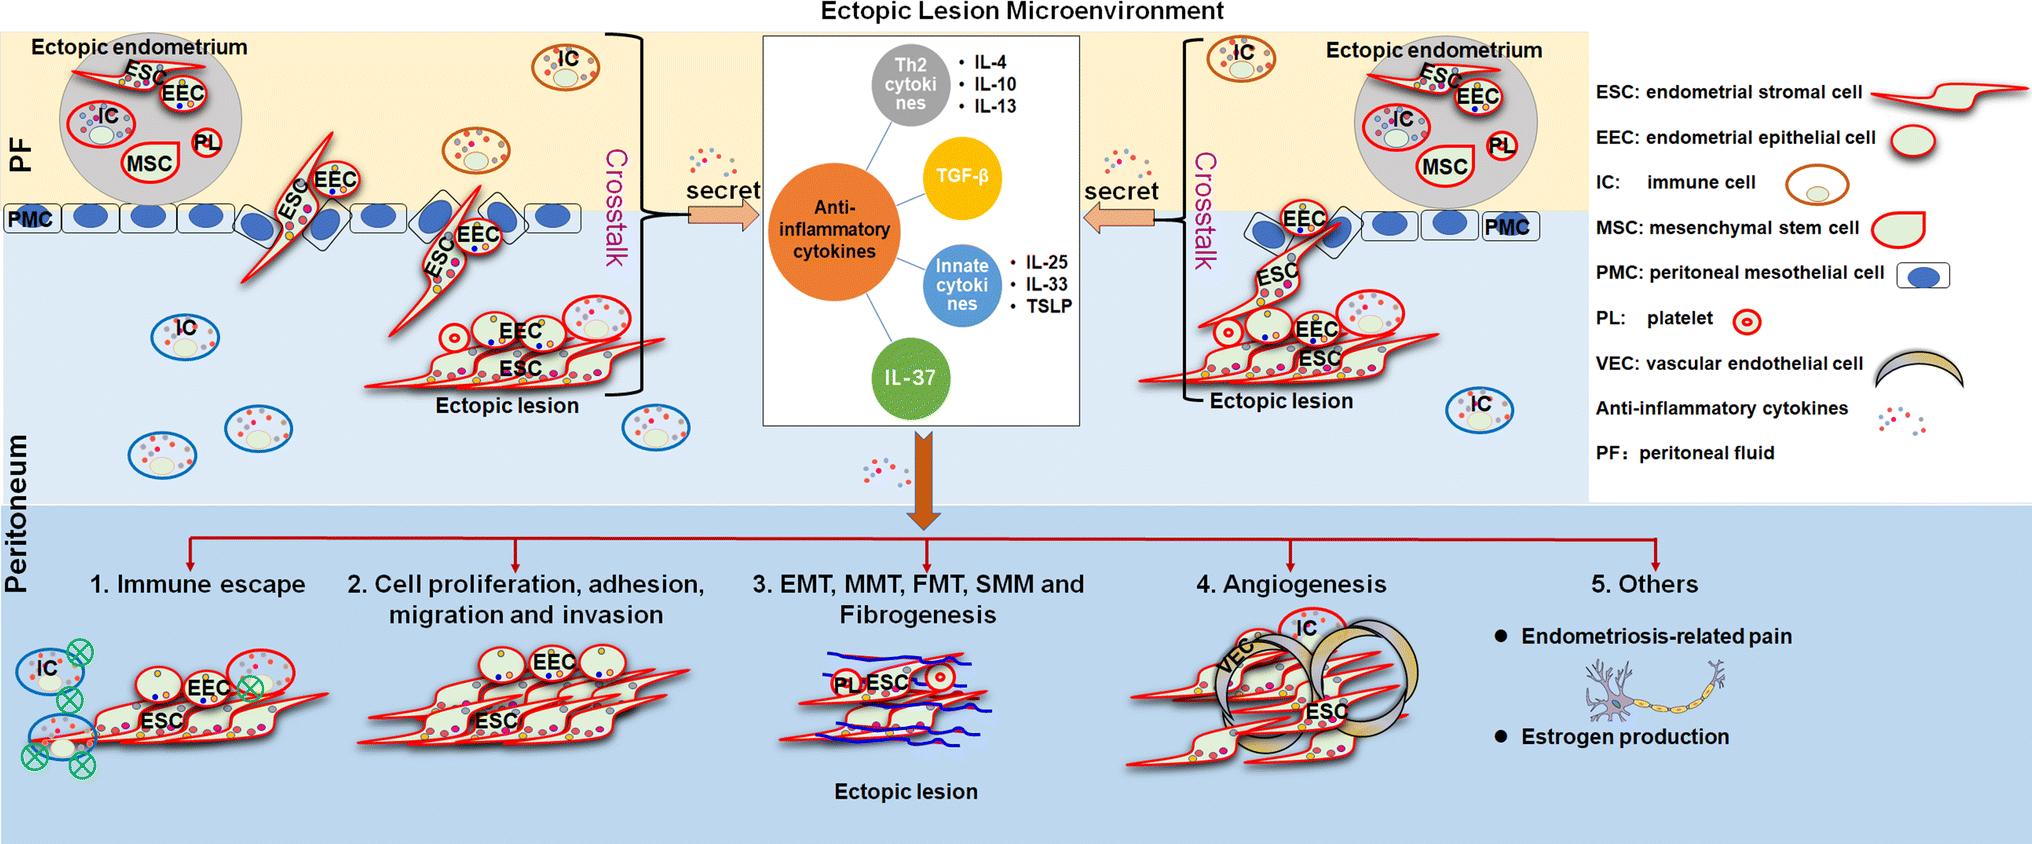 Anti-inflammatory cytokines in endometriosis | SpringerLink